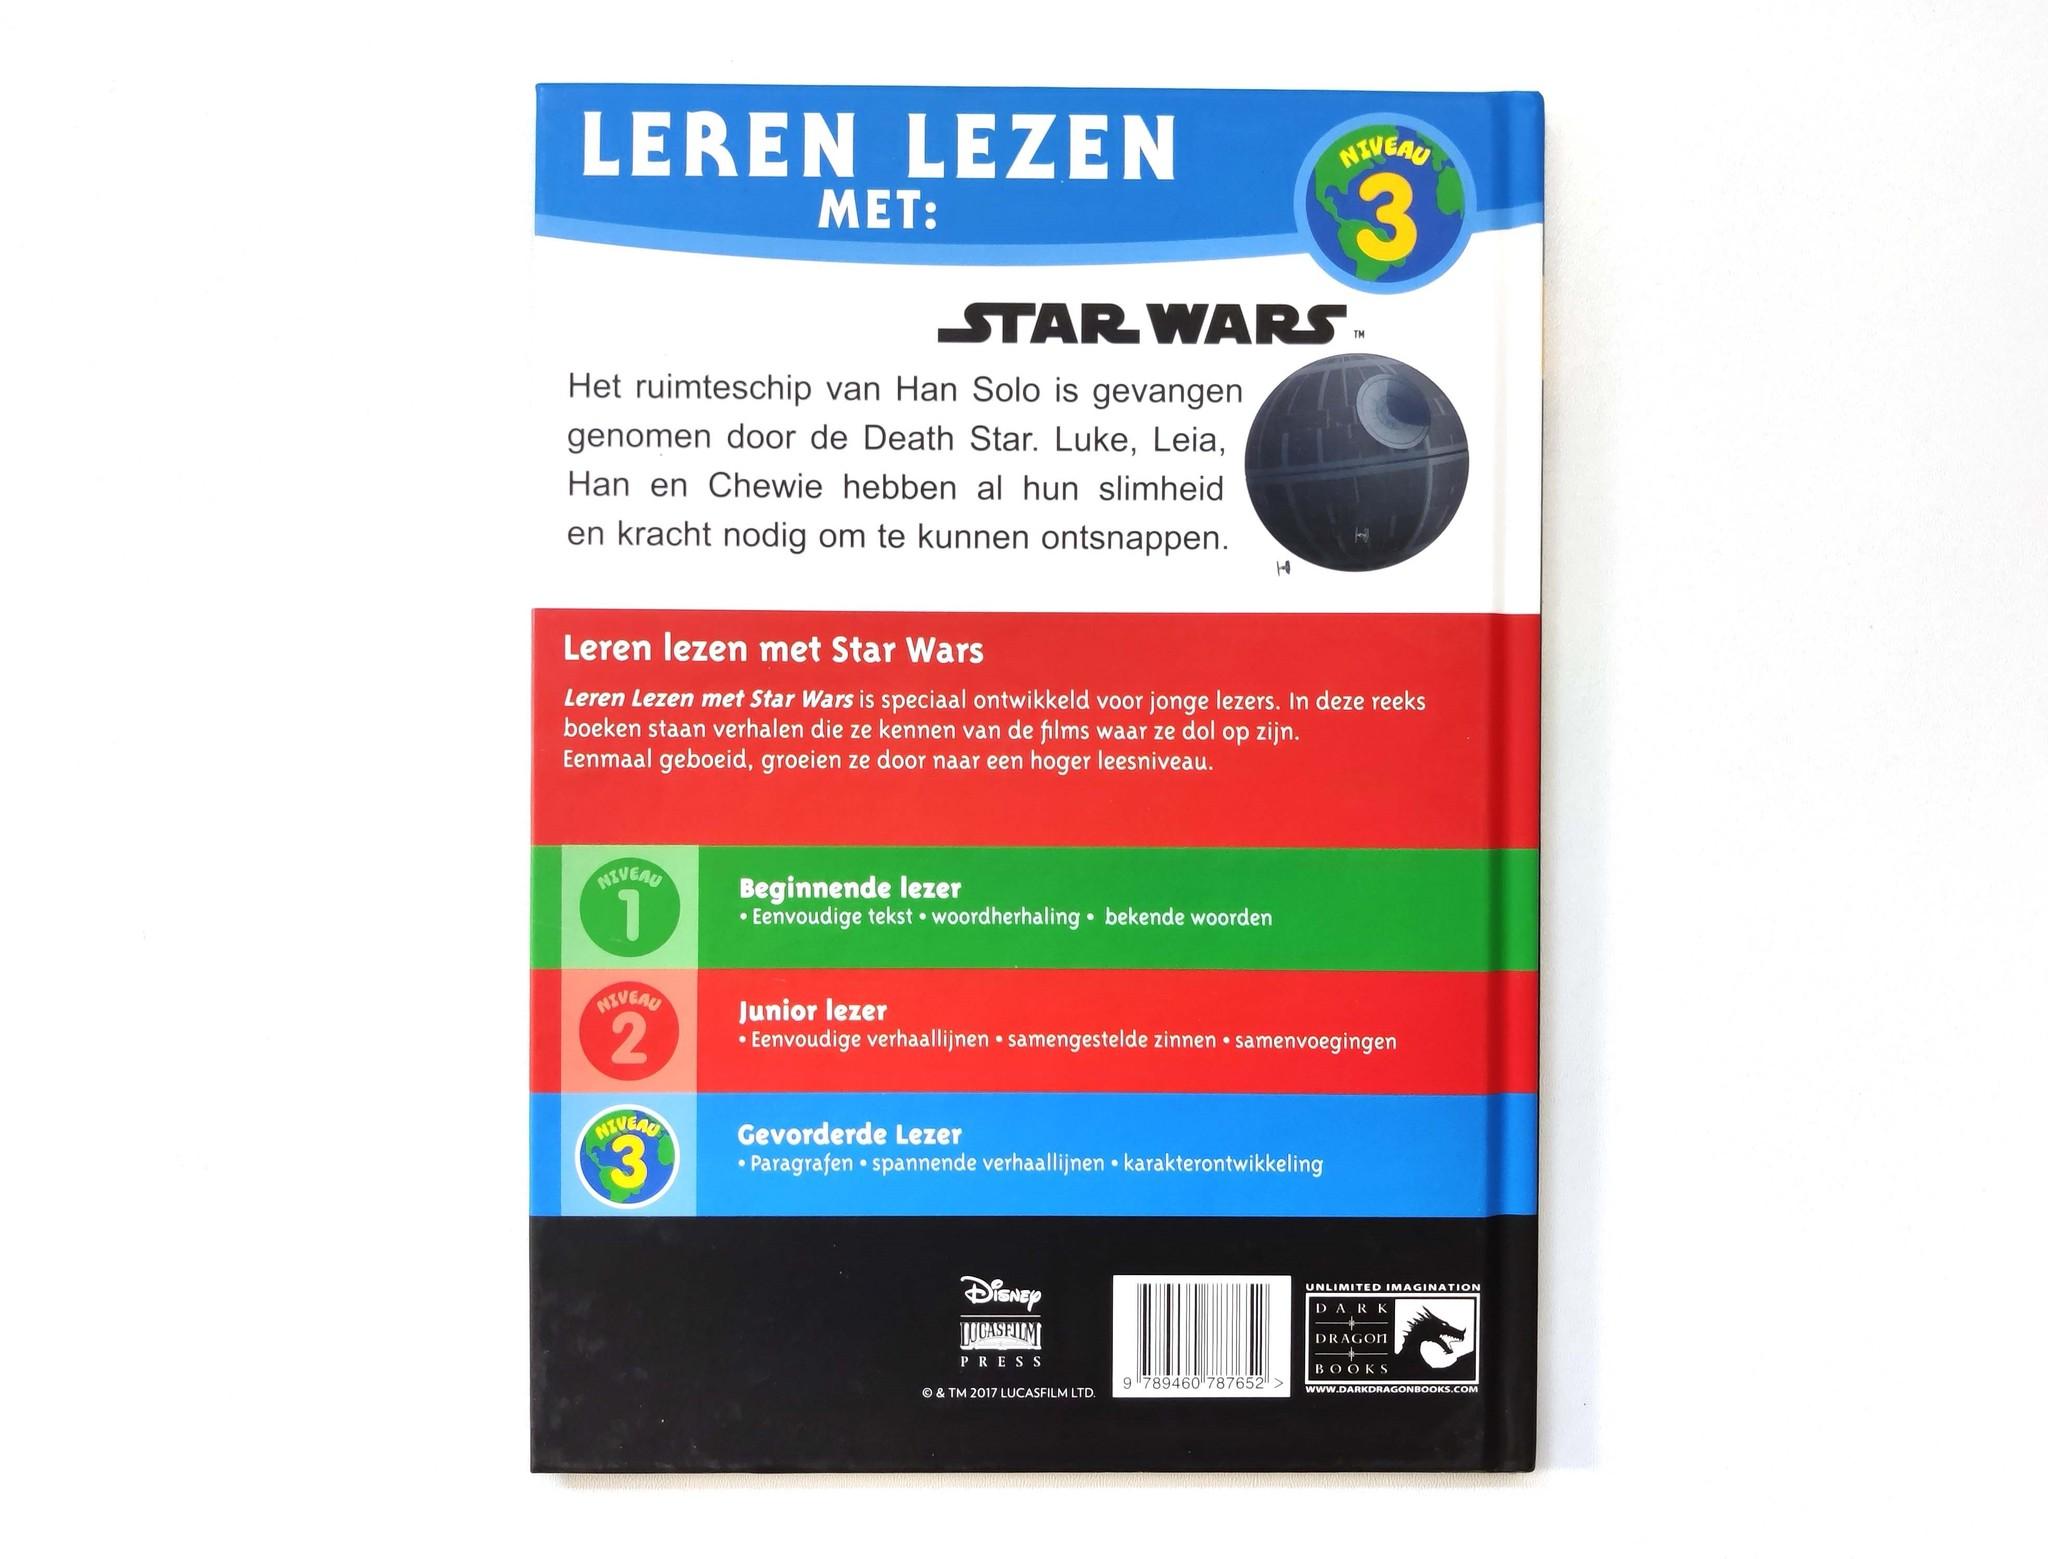 Leren lezen met Star Wars: de valstrik op de death star!-2